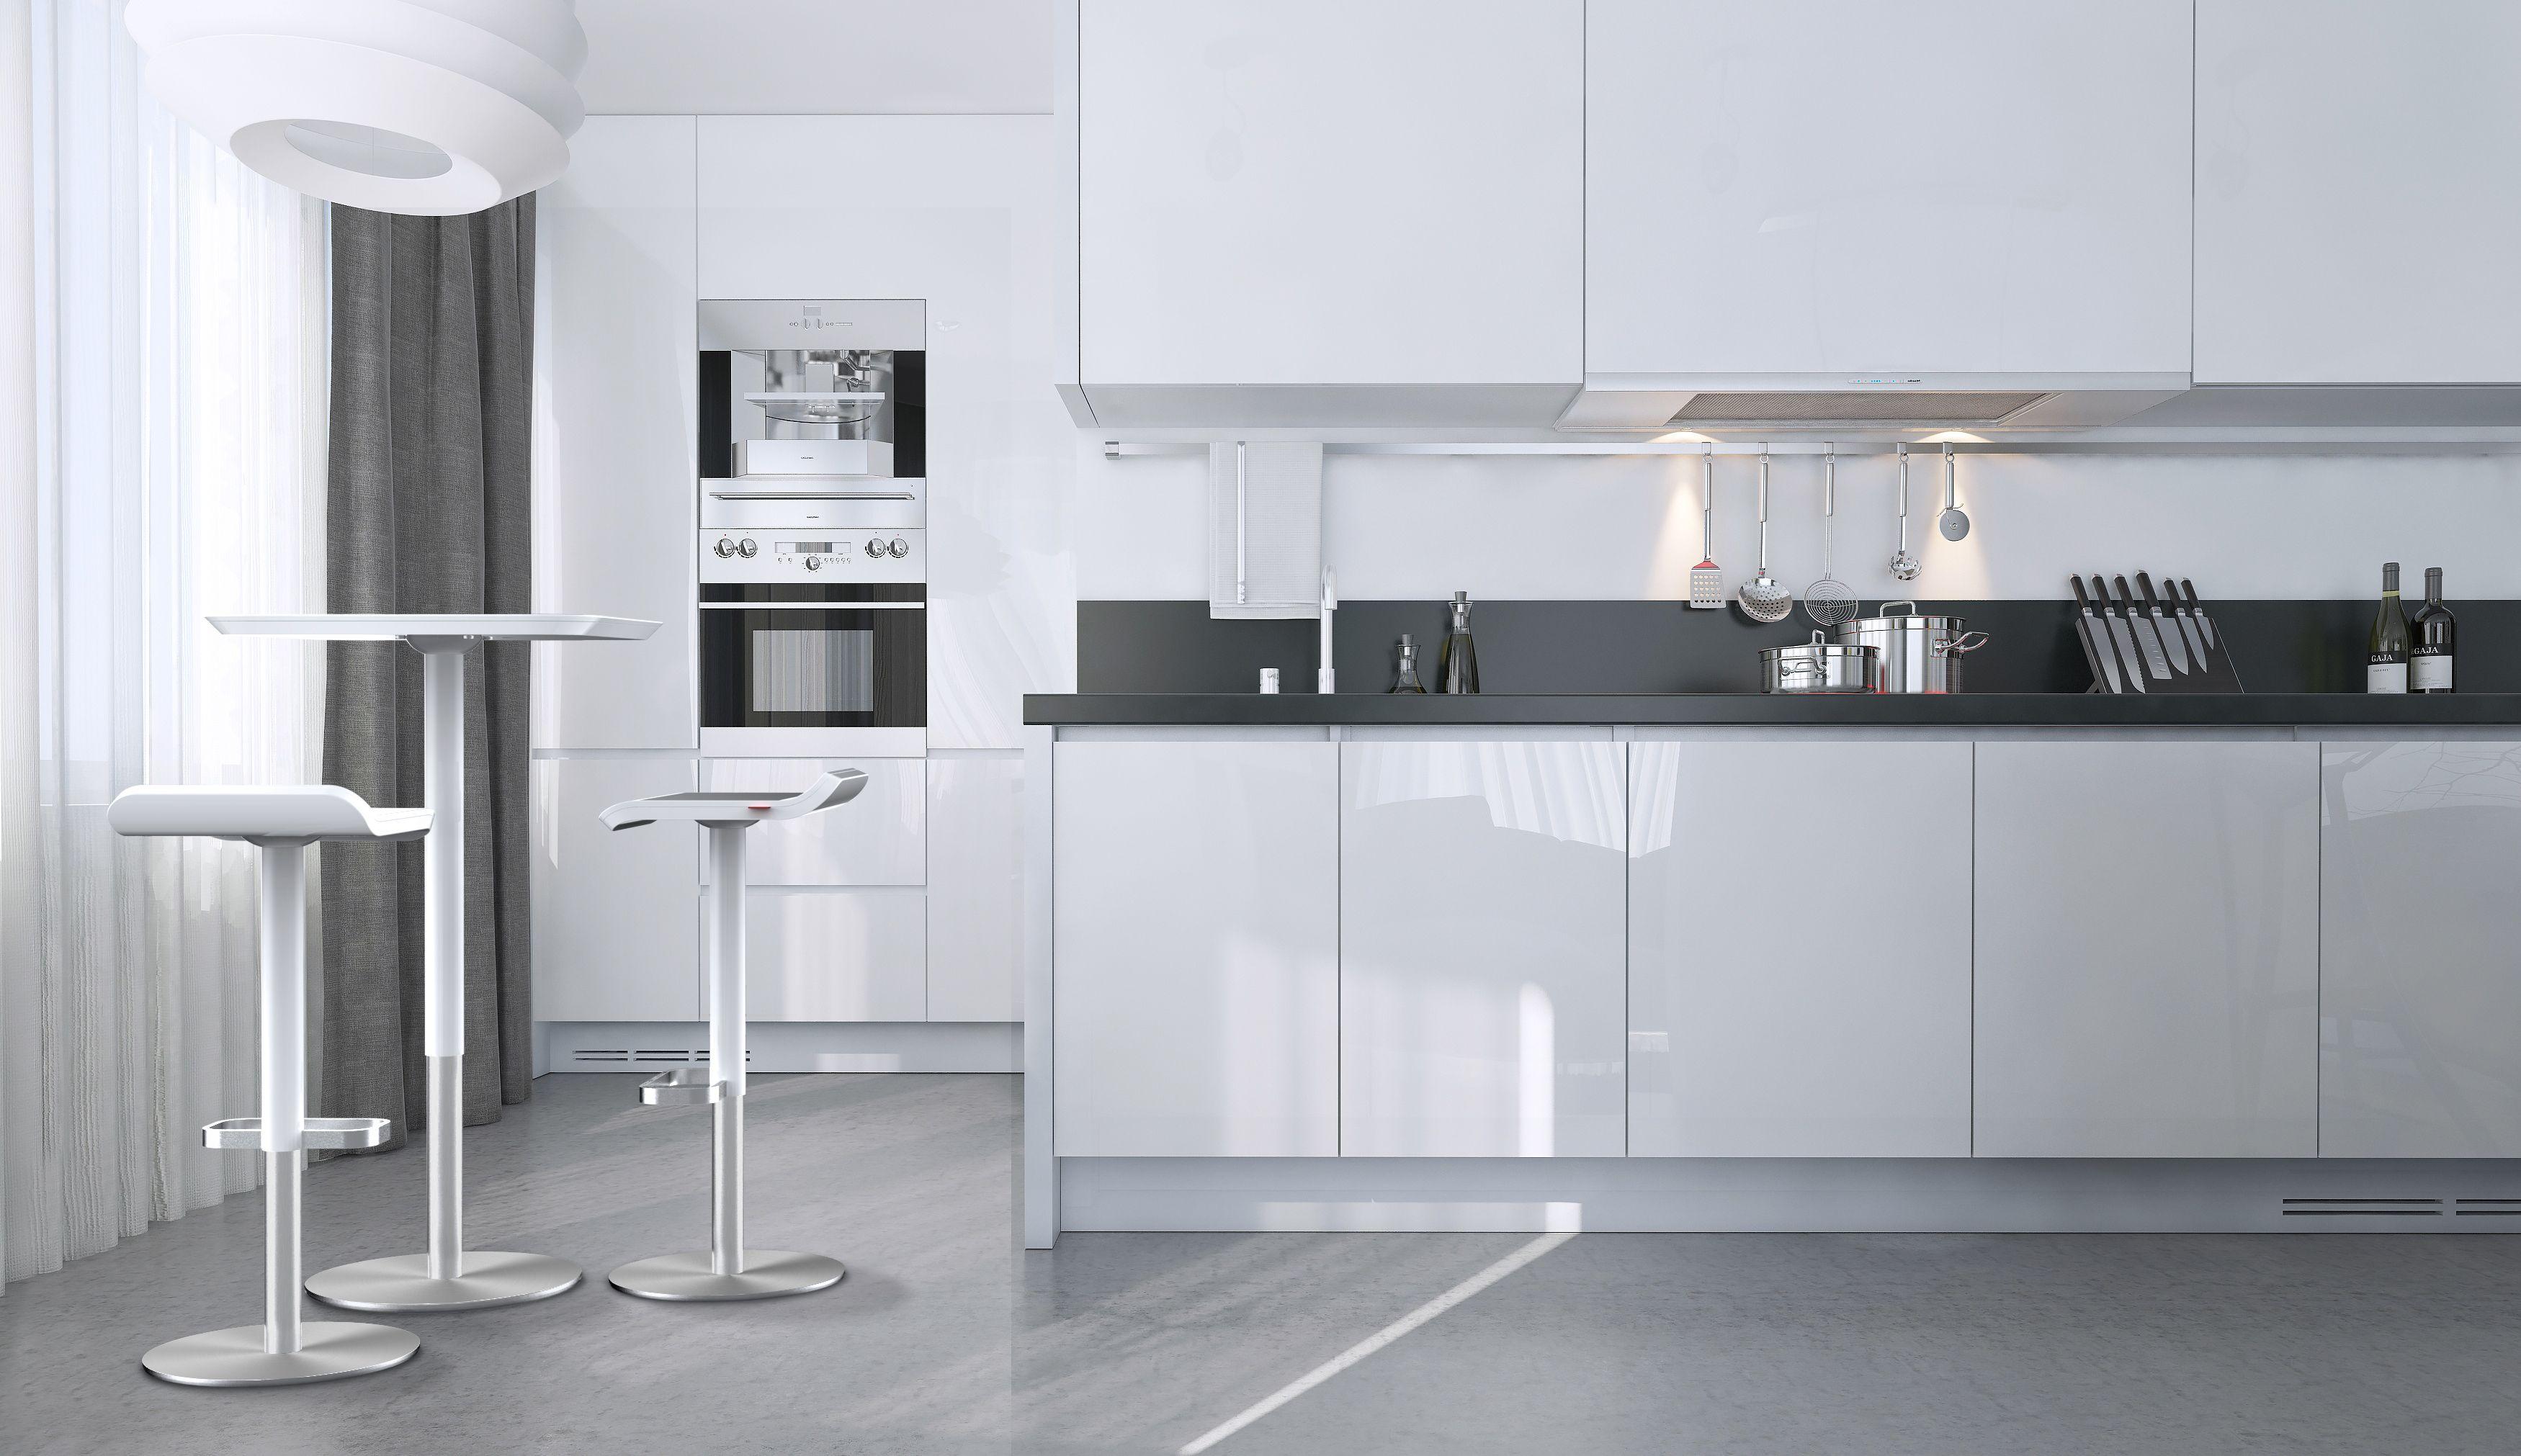 Küchenbarhocker die perfekte küche in hochglanz weiss mit küchenbarhocker ed